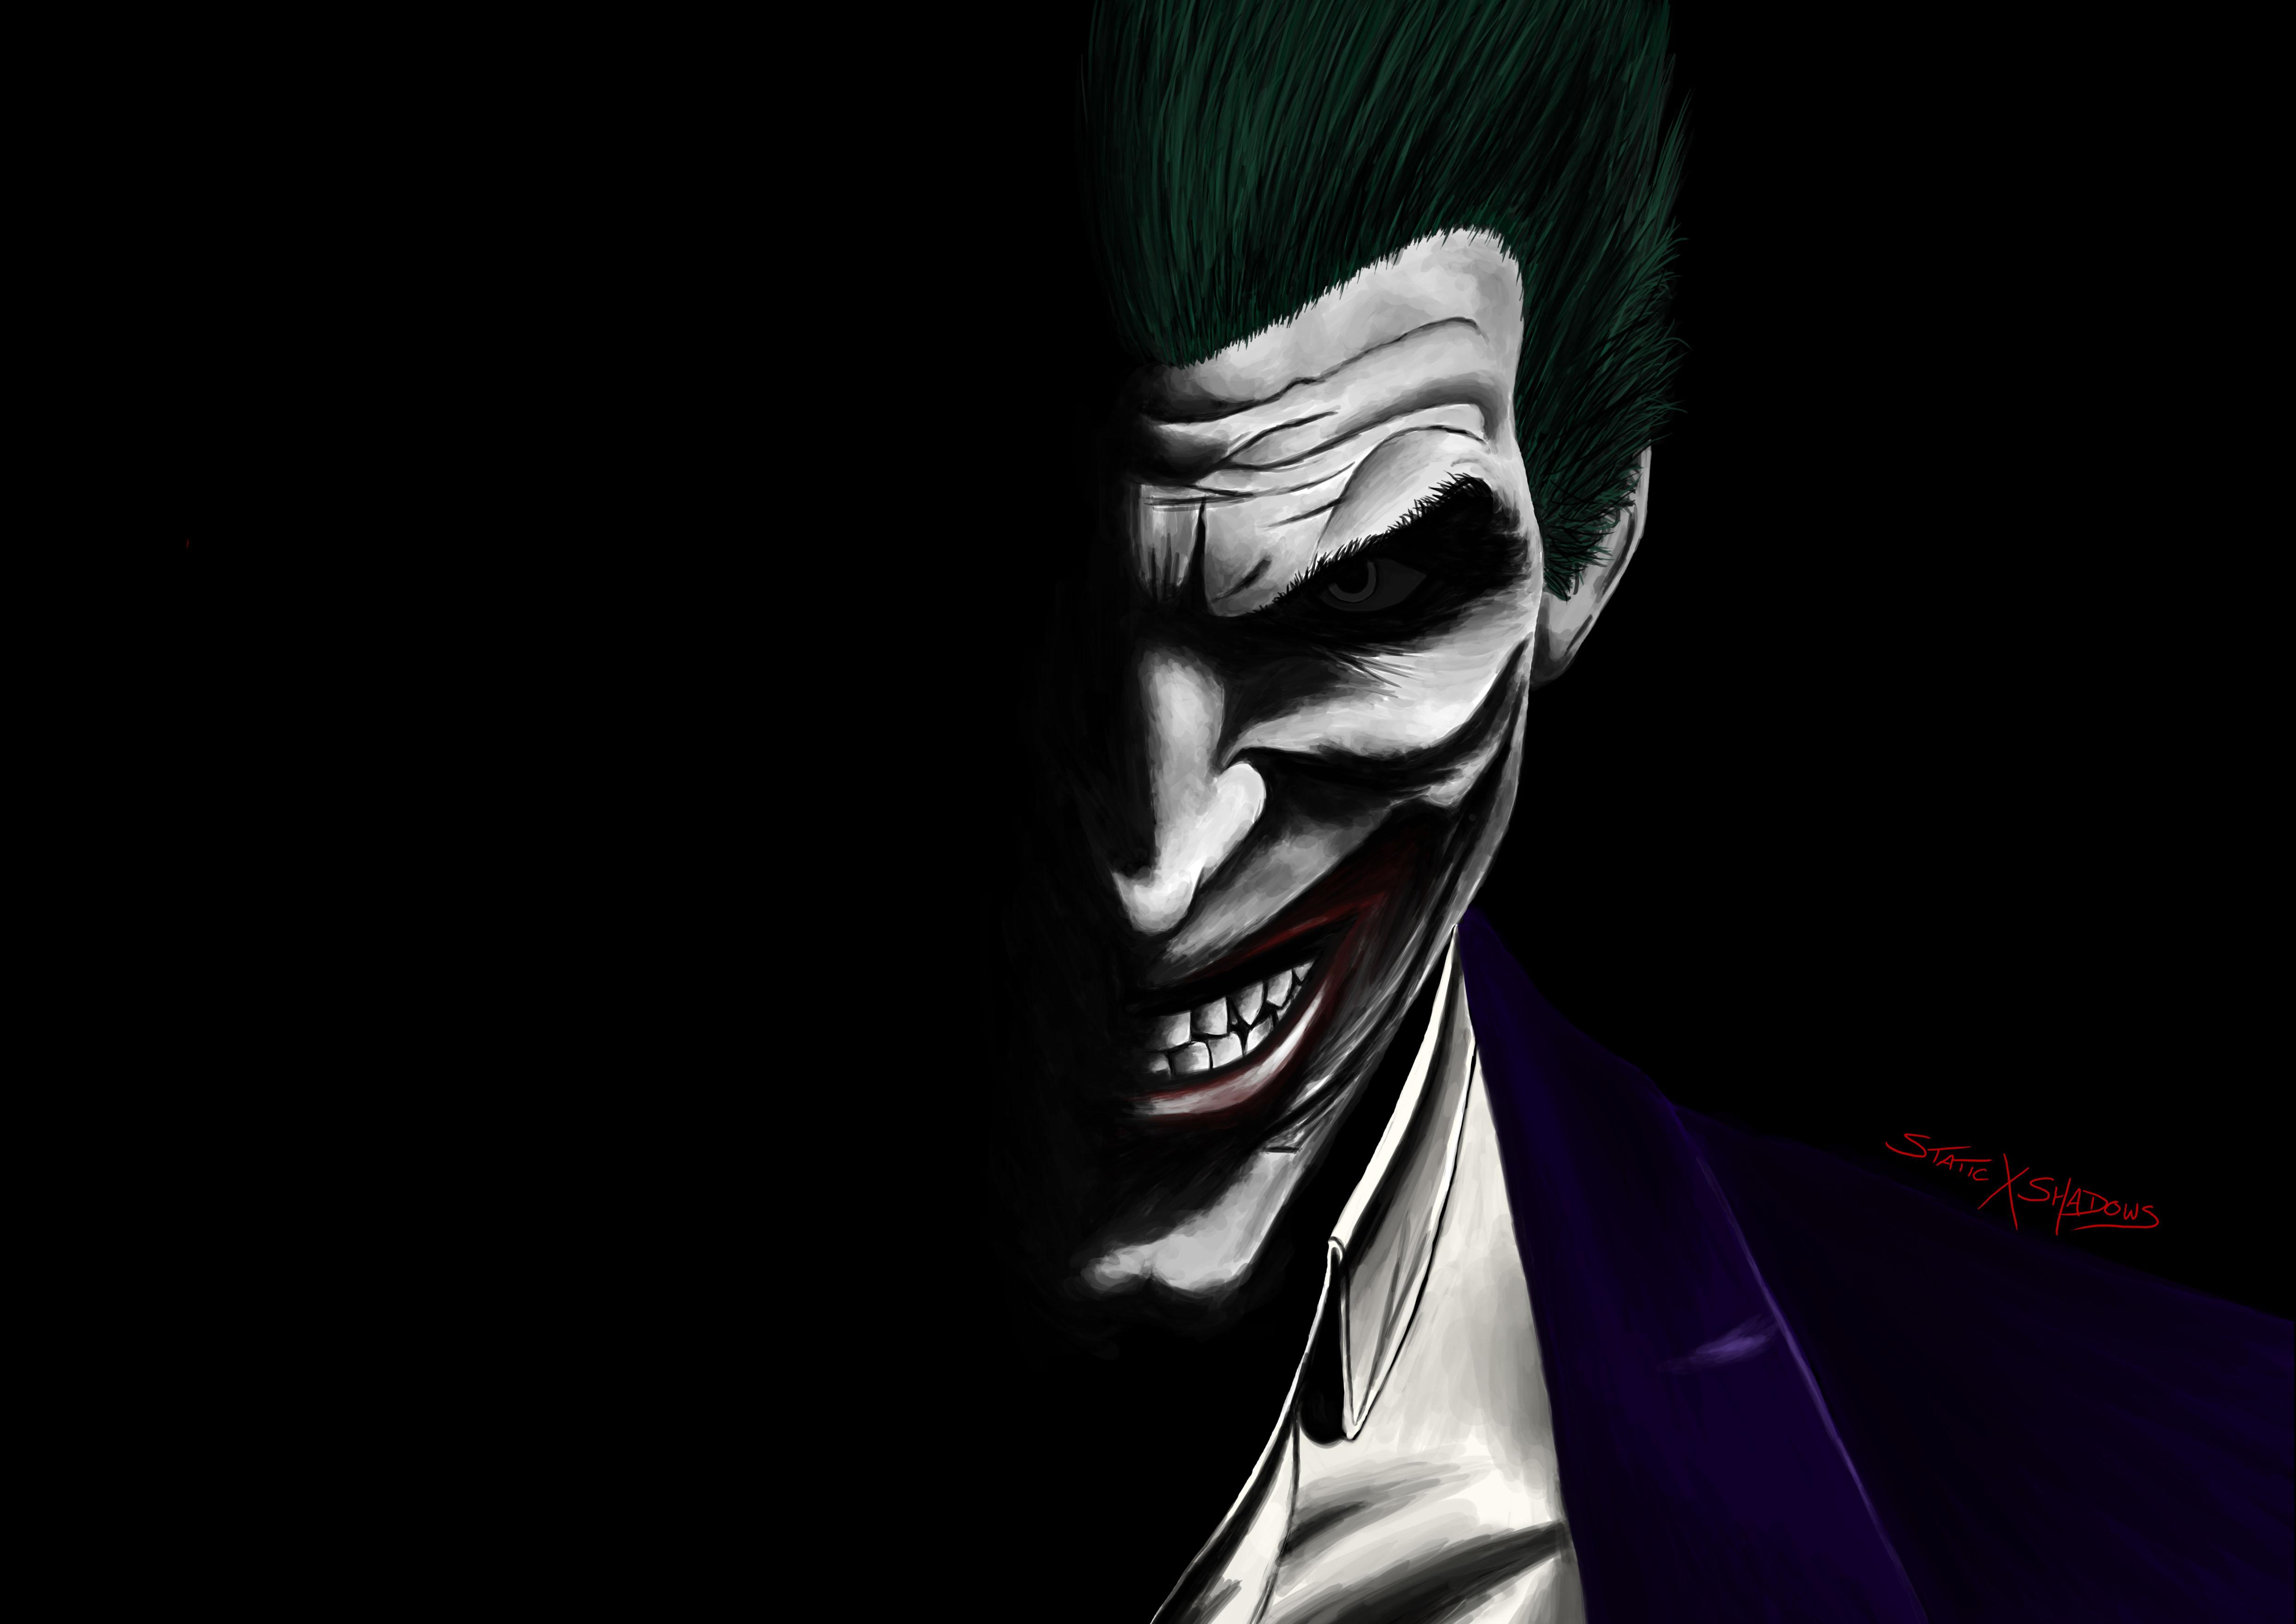 Pubg Fan Art 5k Wallpapers: Joker Artwork 5k, HD Superheroes, 4k Wallpapers, Images